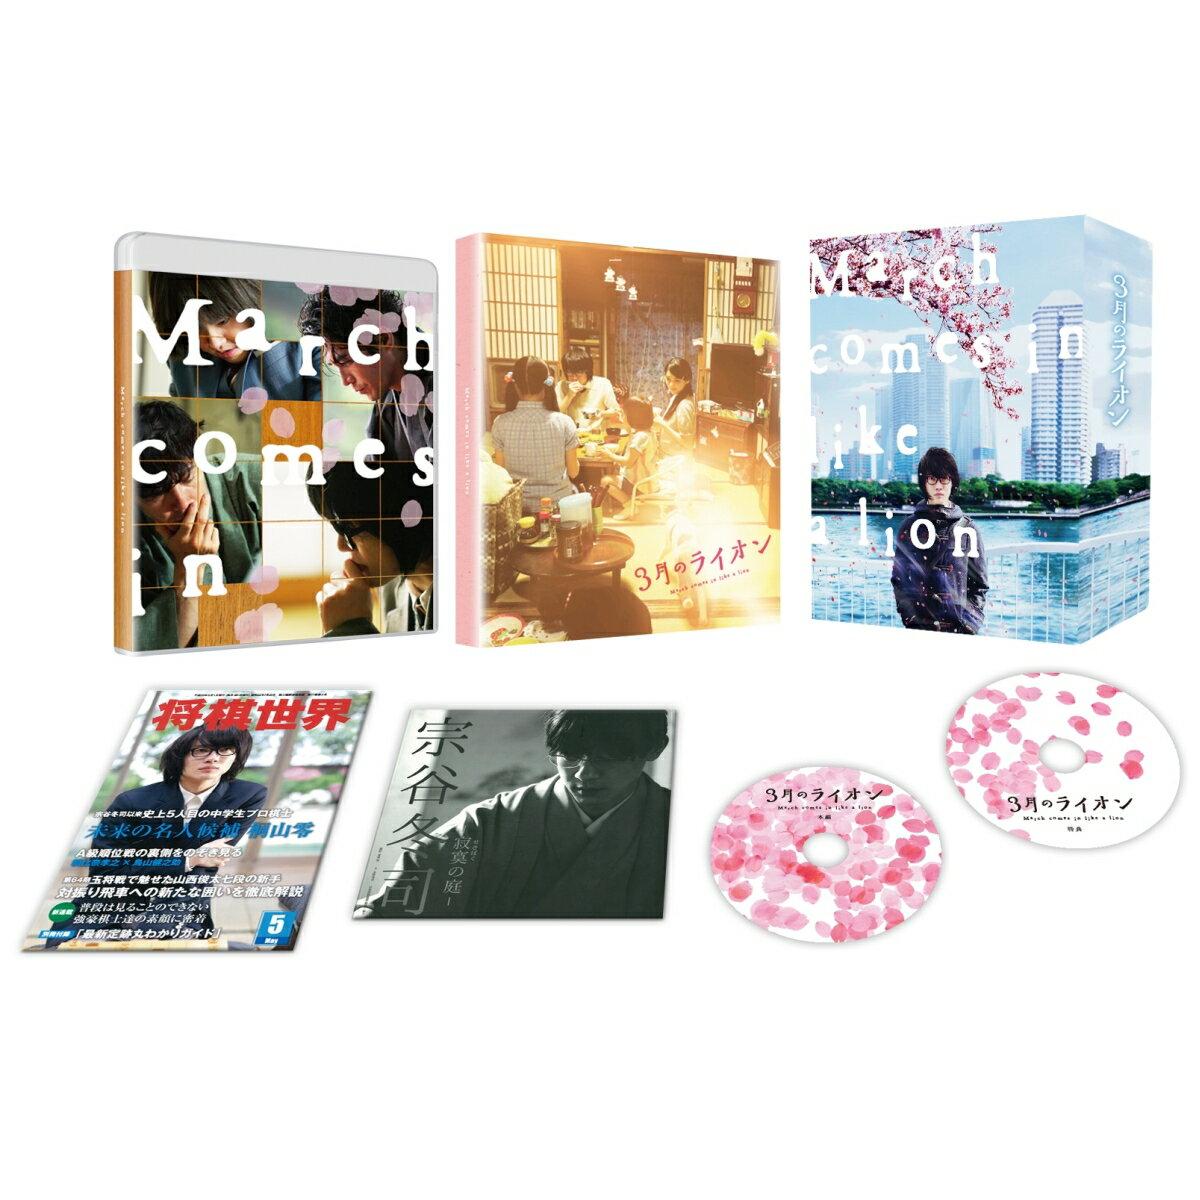 3月のライオン[前編] Blu-ray 豪華版(Blu-ray1枚+DVD1枚)【Blu-ray】画像